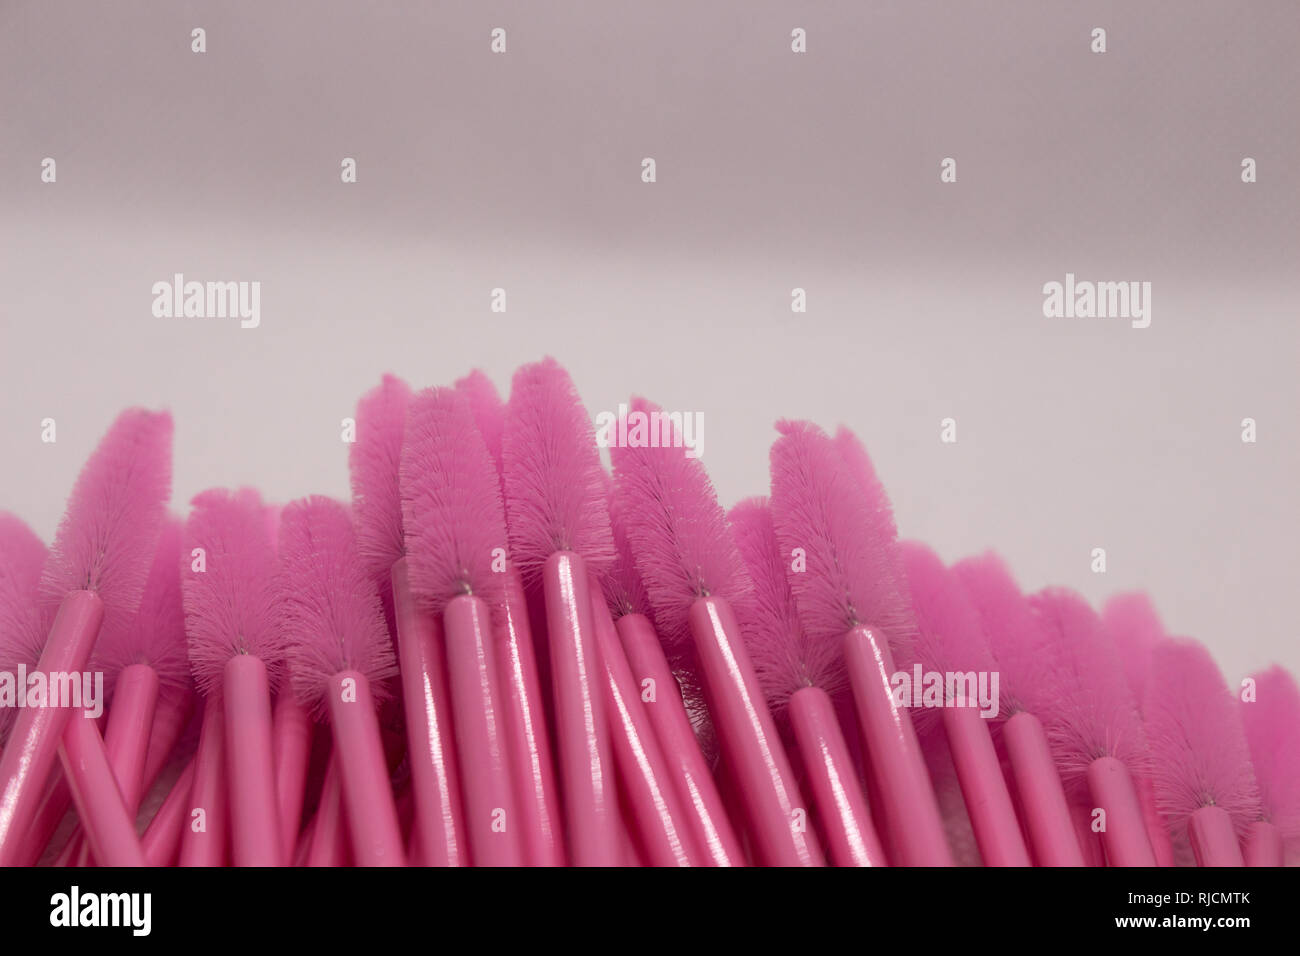 Materialien für Eyelash Extension. Bürsten, Zubehör für Wimpern extensions. Stockbild